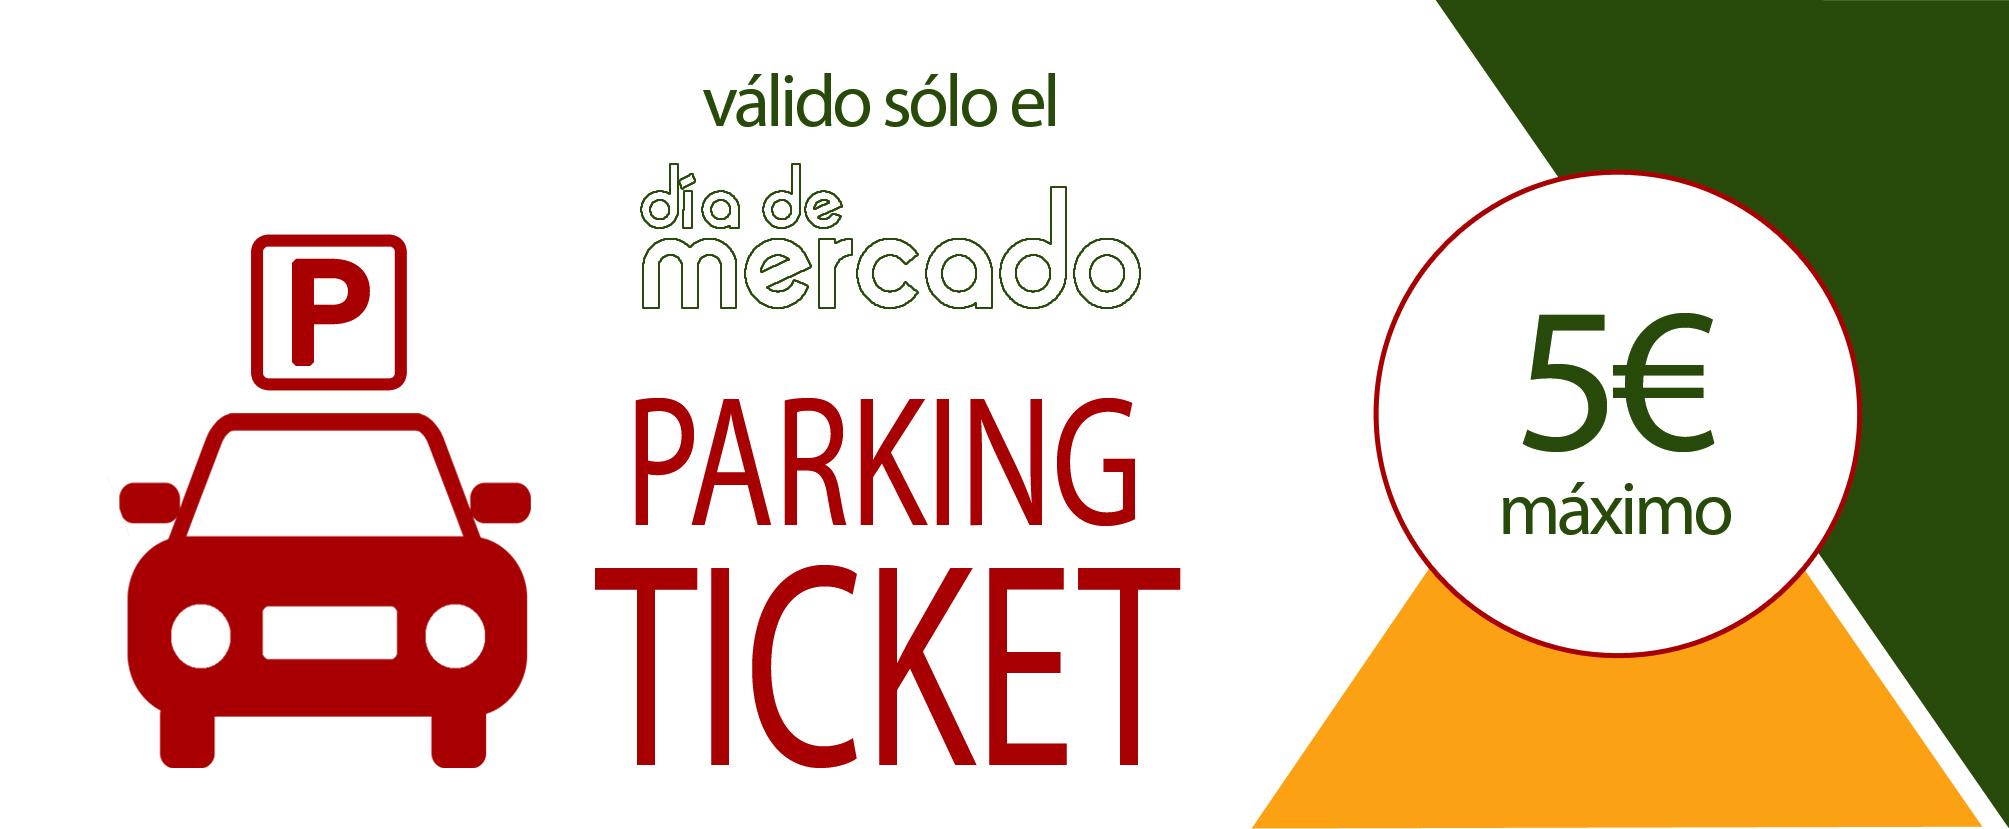 Descarga tu Ticket de Aparcamiento para el Día de Mercado